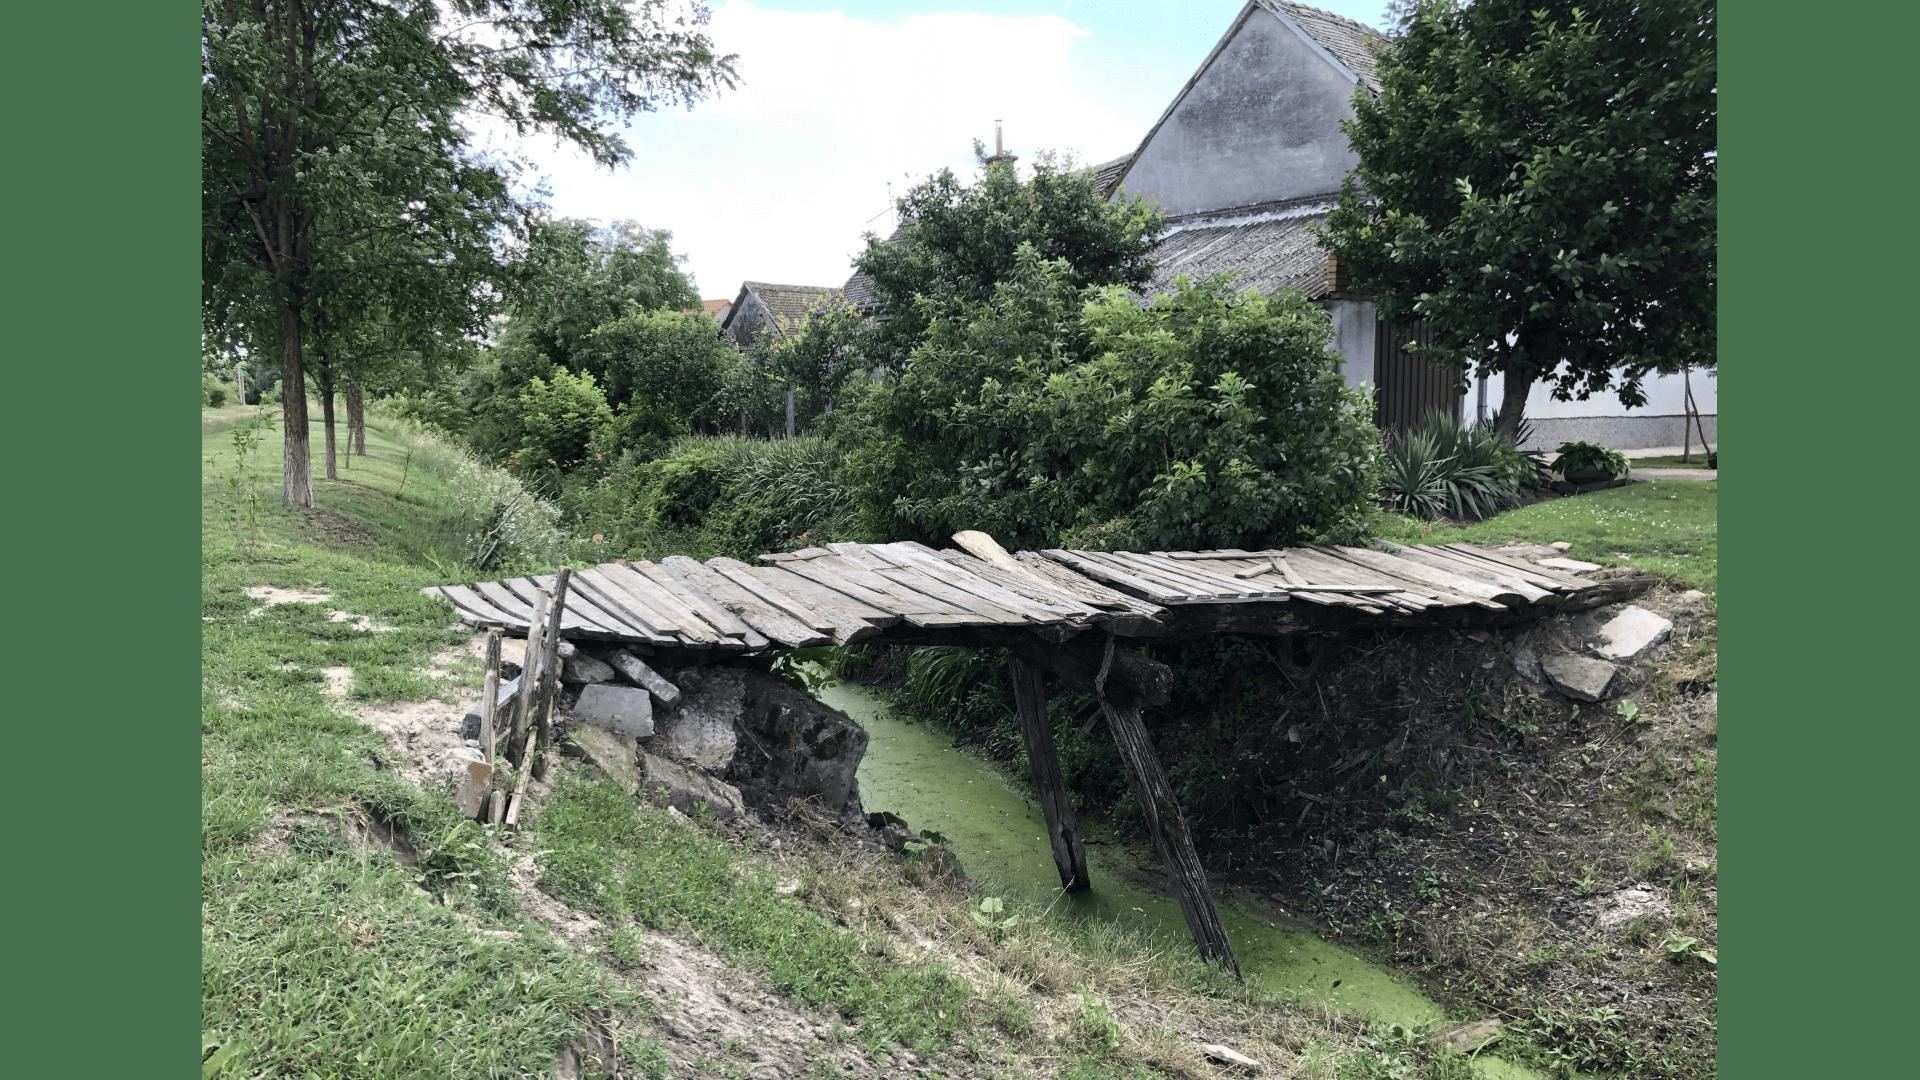 Behelfsbrücke am Ortsrand, Aufahme 2016. Foto: Geotg Rauscher